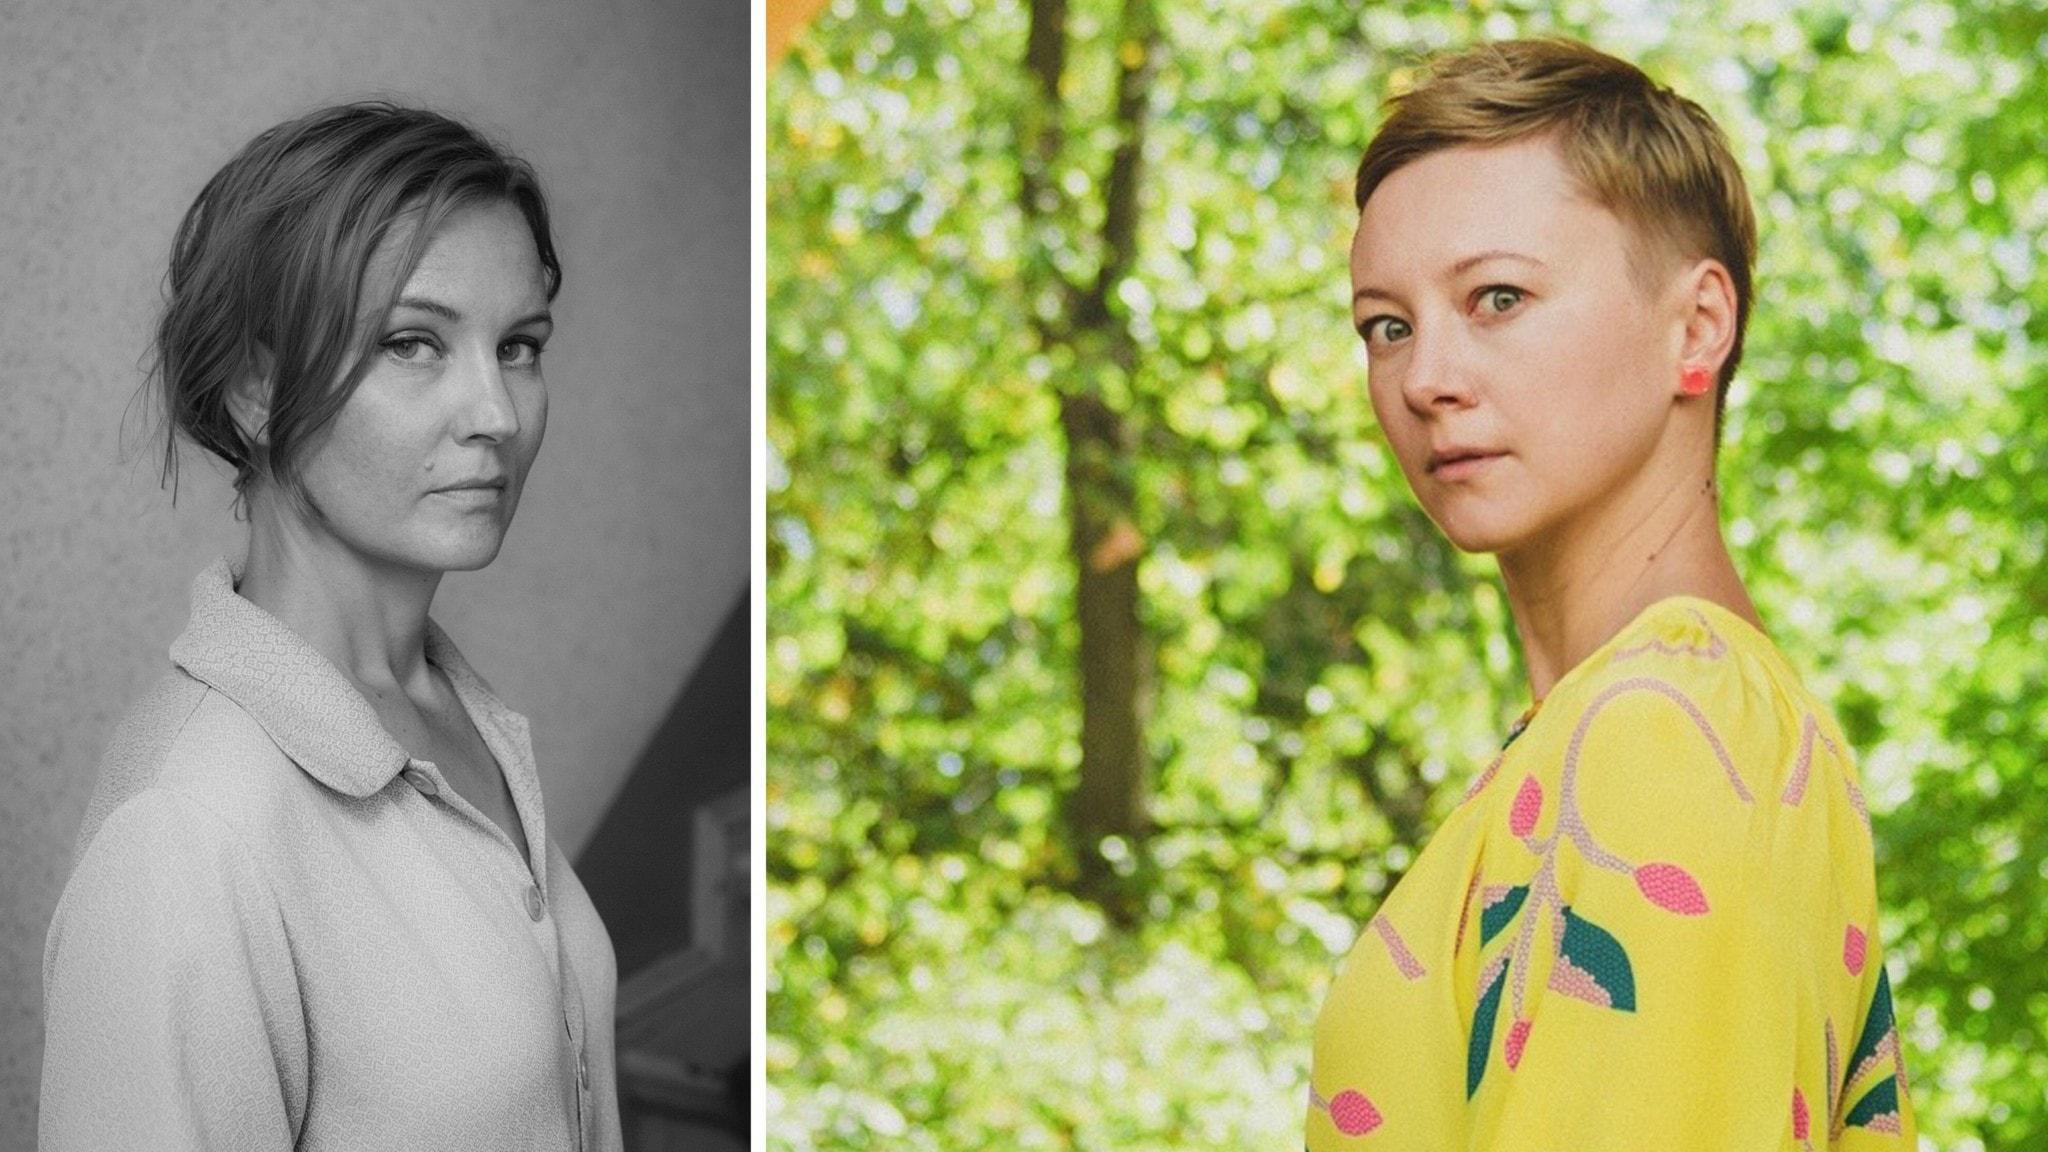 Den svenska poeten Ida Börjel och Valzhyna Mort, poet från Belarus bosatt i USA.